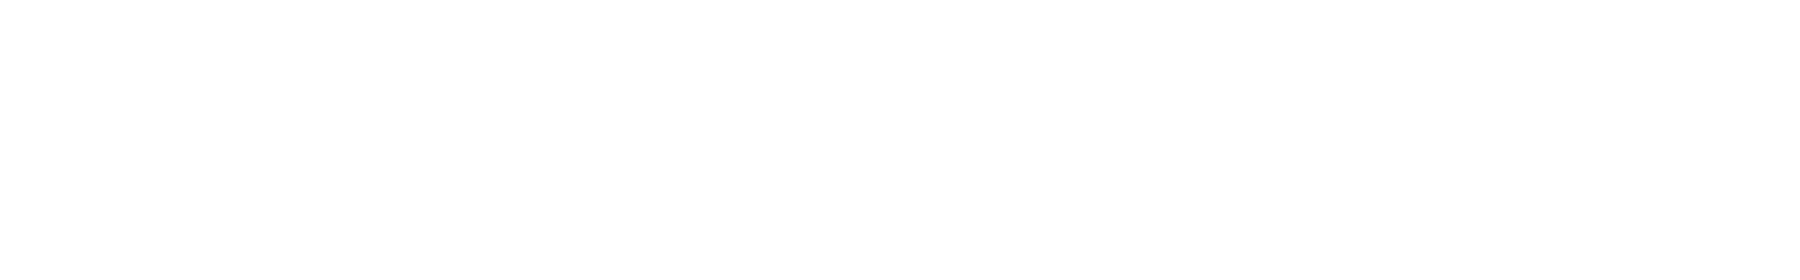 156671 hi hat rhythm